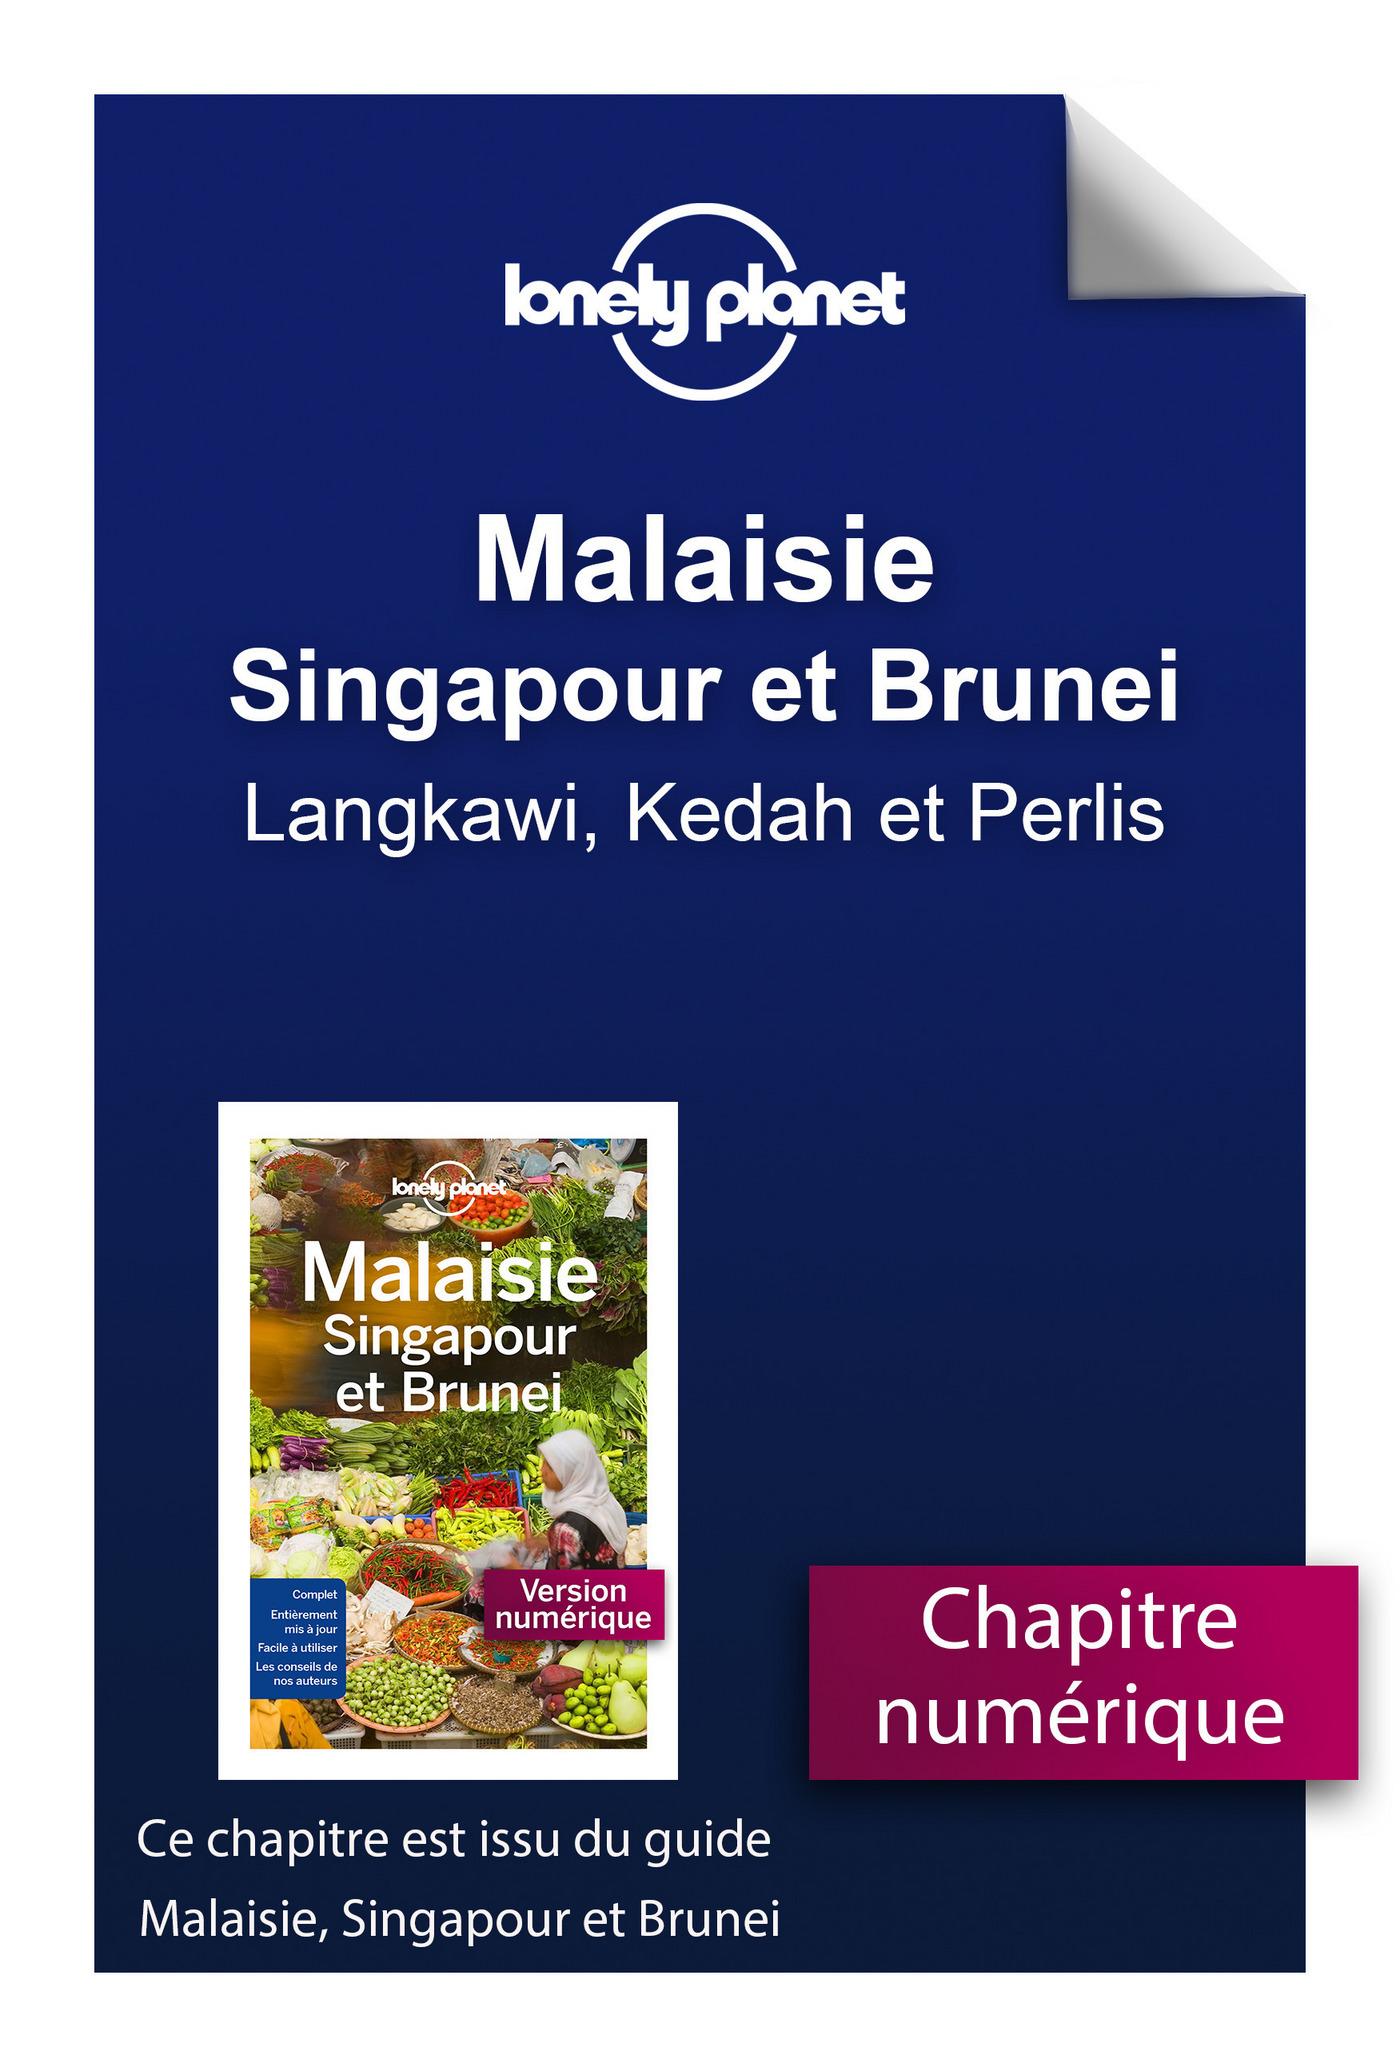 Malaisie, Singapour et Brunei - Langkawi, Kedah et Perlis